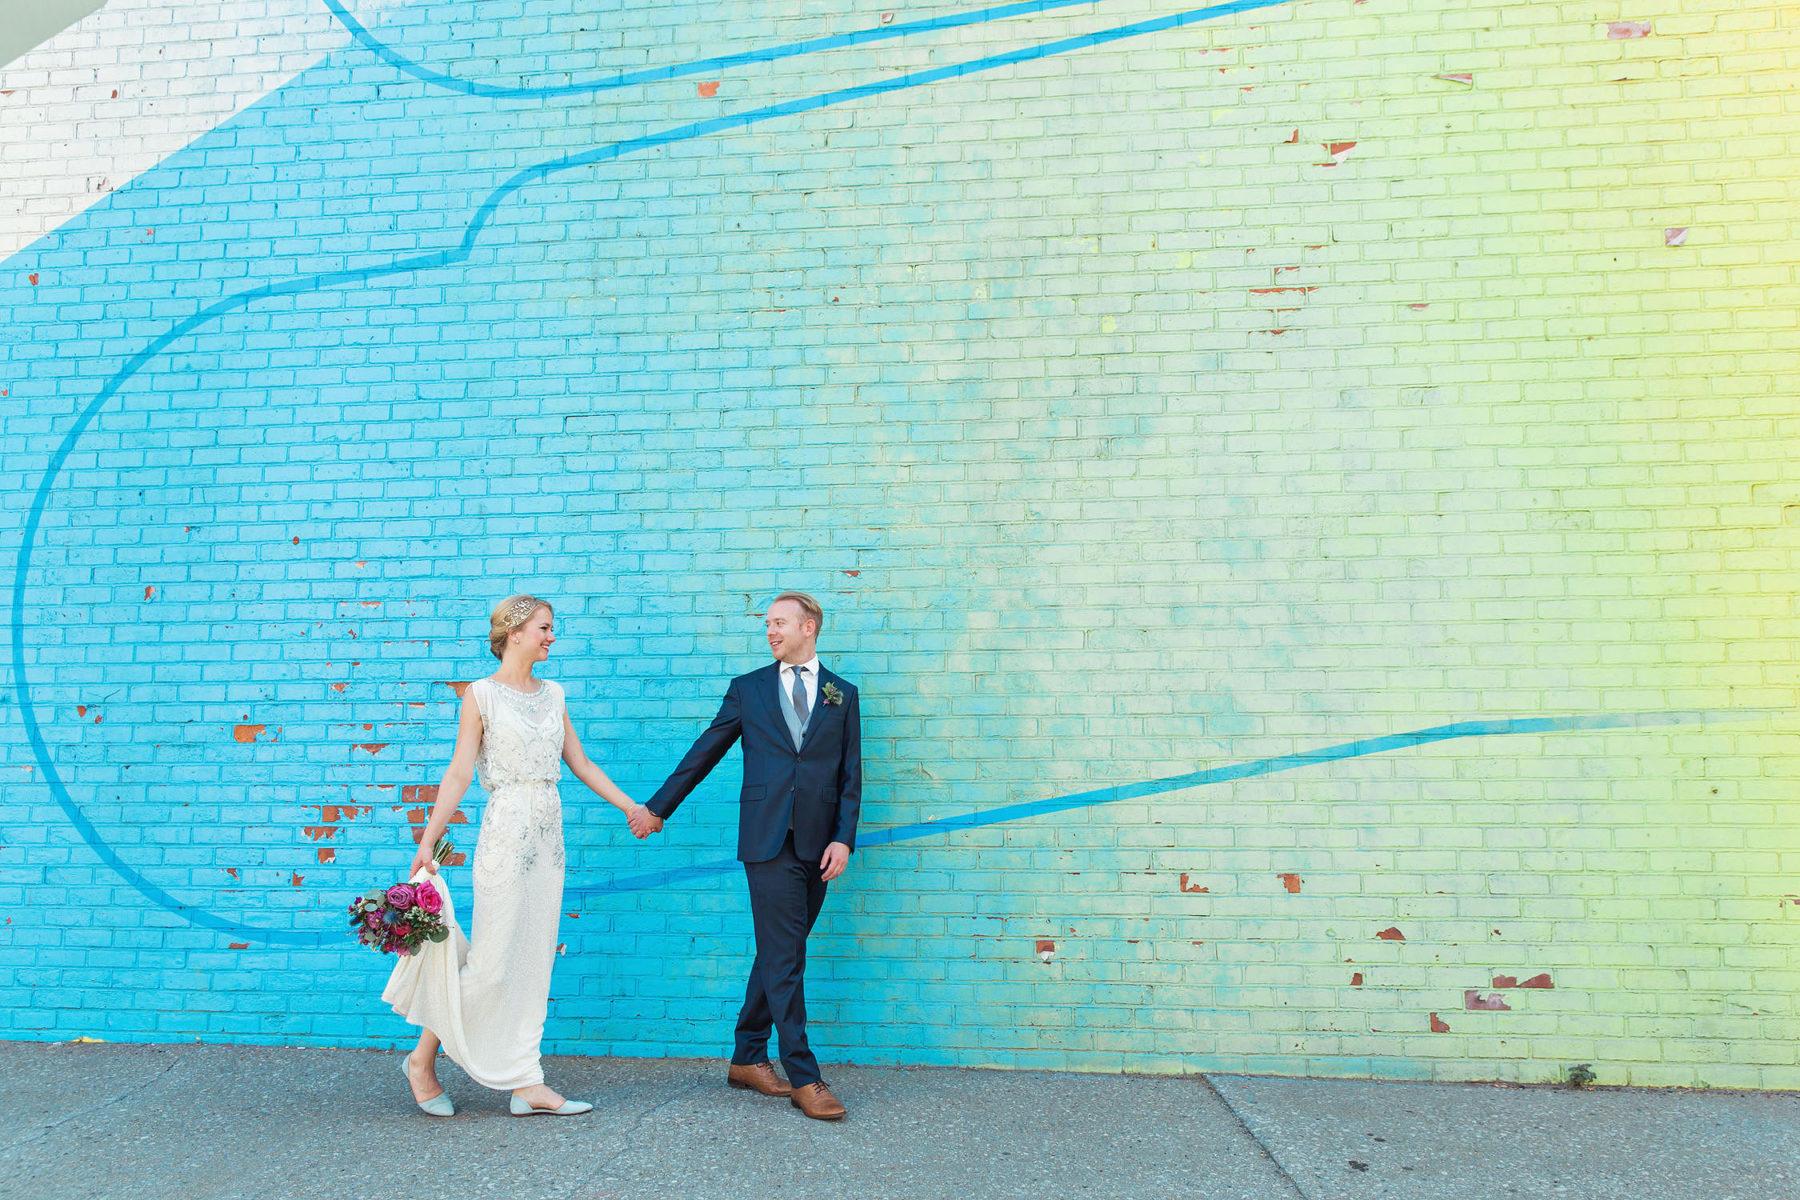 DUMBO Wedding Pictures - DUMBO Wedding Photographers